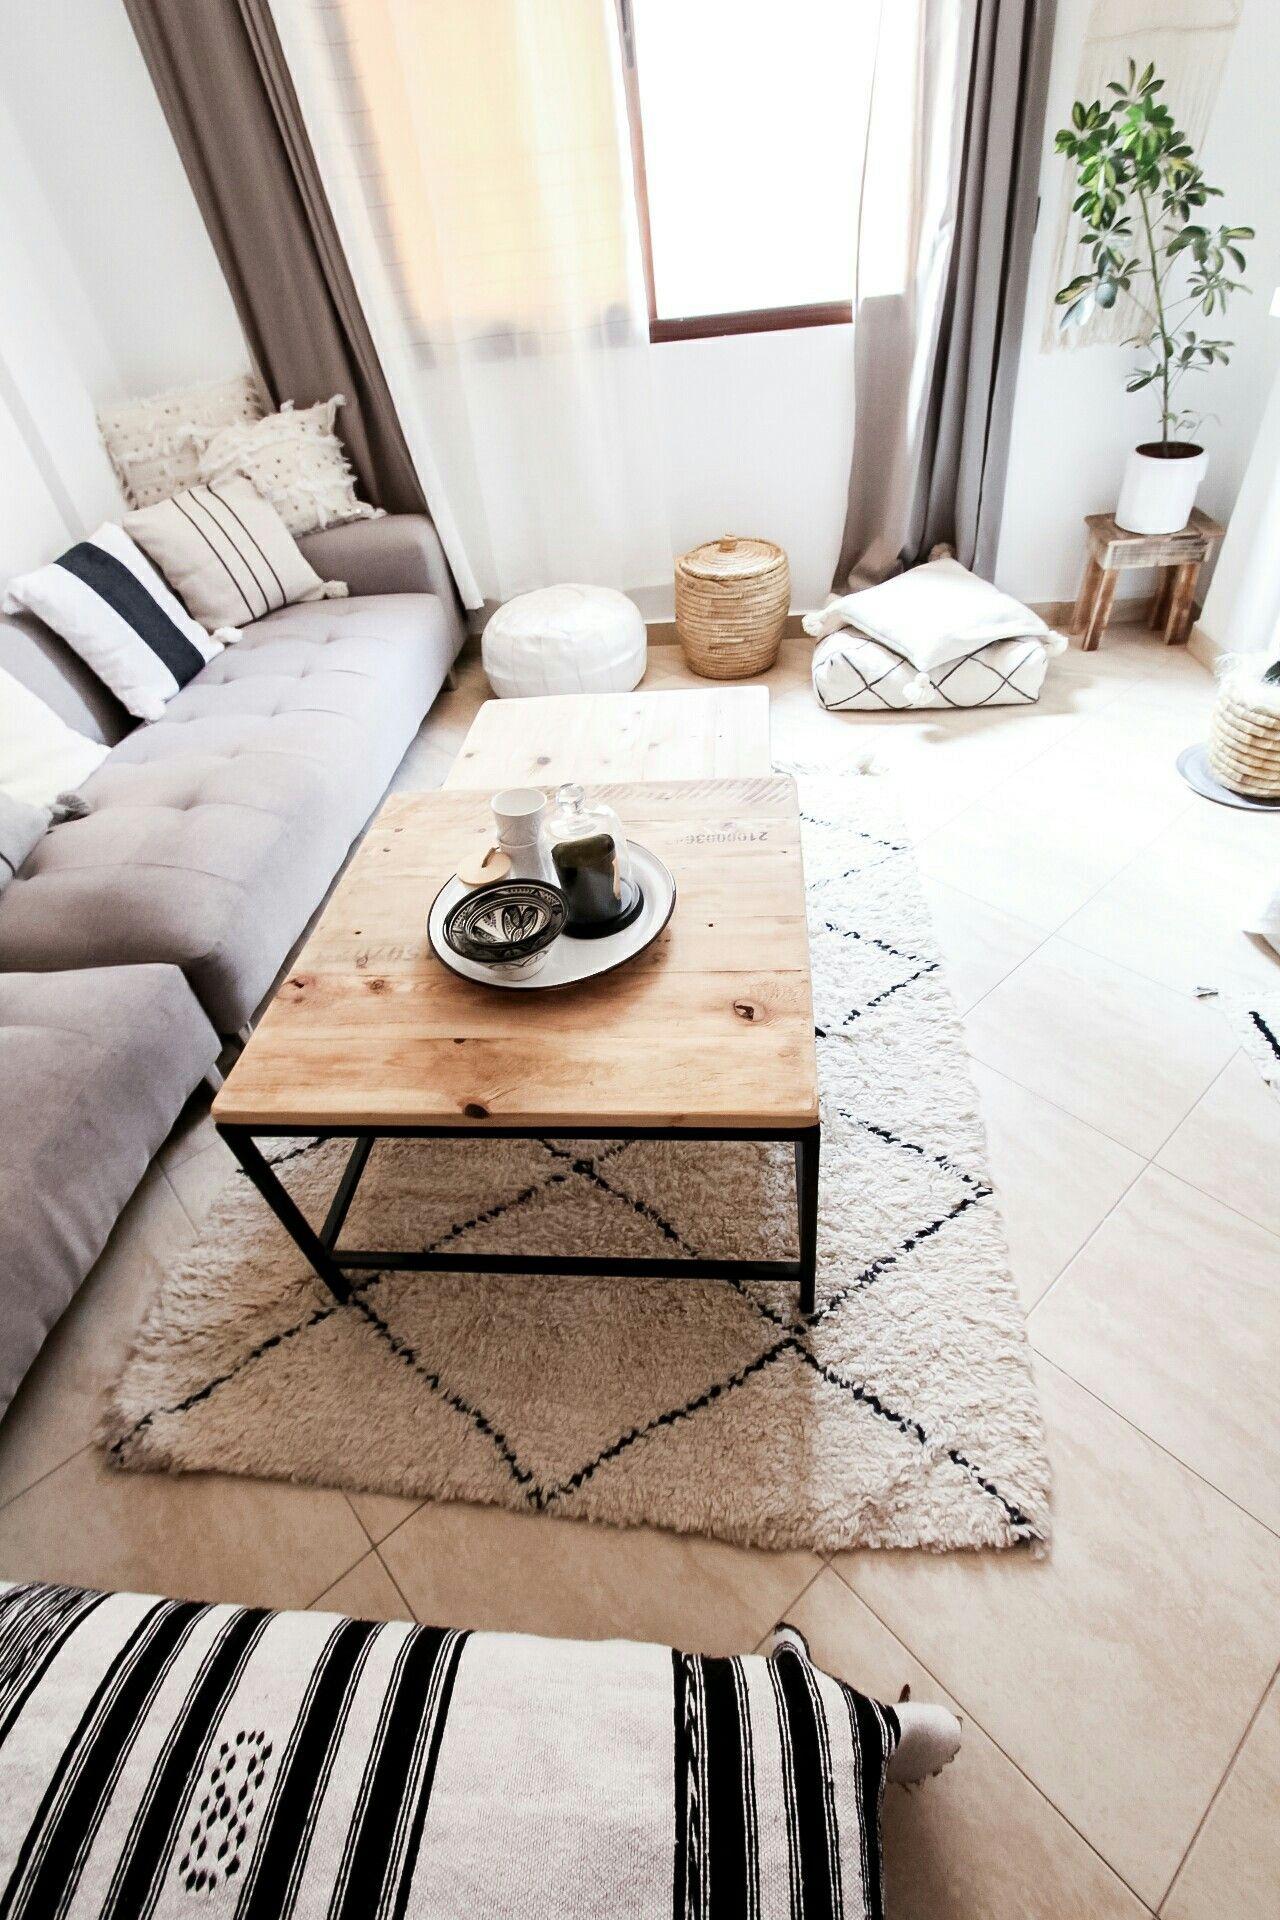 Marokkanische Teppiche Handgewebte Beniourains Aus Marokko Versand Aus Deutschland Online Bei Www Dari Design Co Marokkanische Teppiche Teppich Weiße Möbel